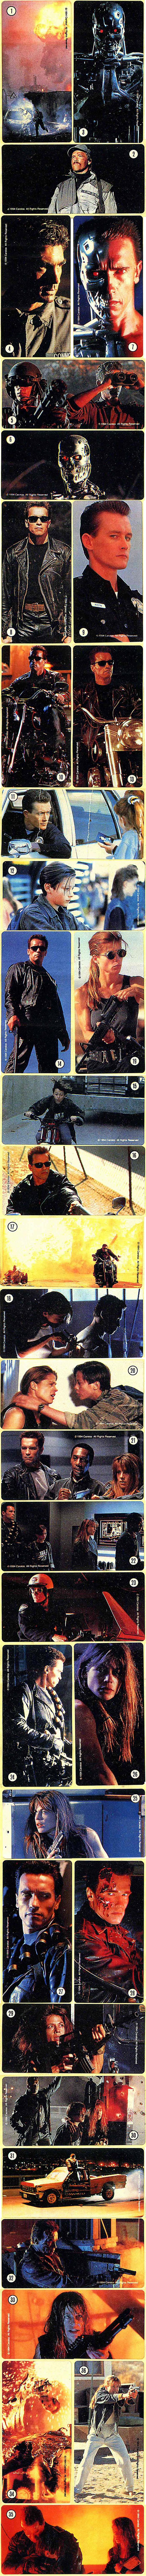 Все наклейки ТЕРМИНАТОР-2 (выпуск 2) Терминатор 2: судный день, Наклейка, Длиннопост, Фильмы, Ностальгия, Детство